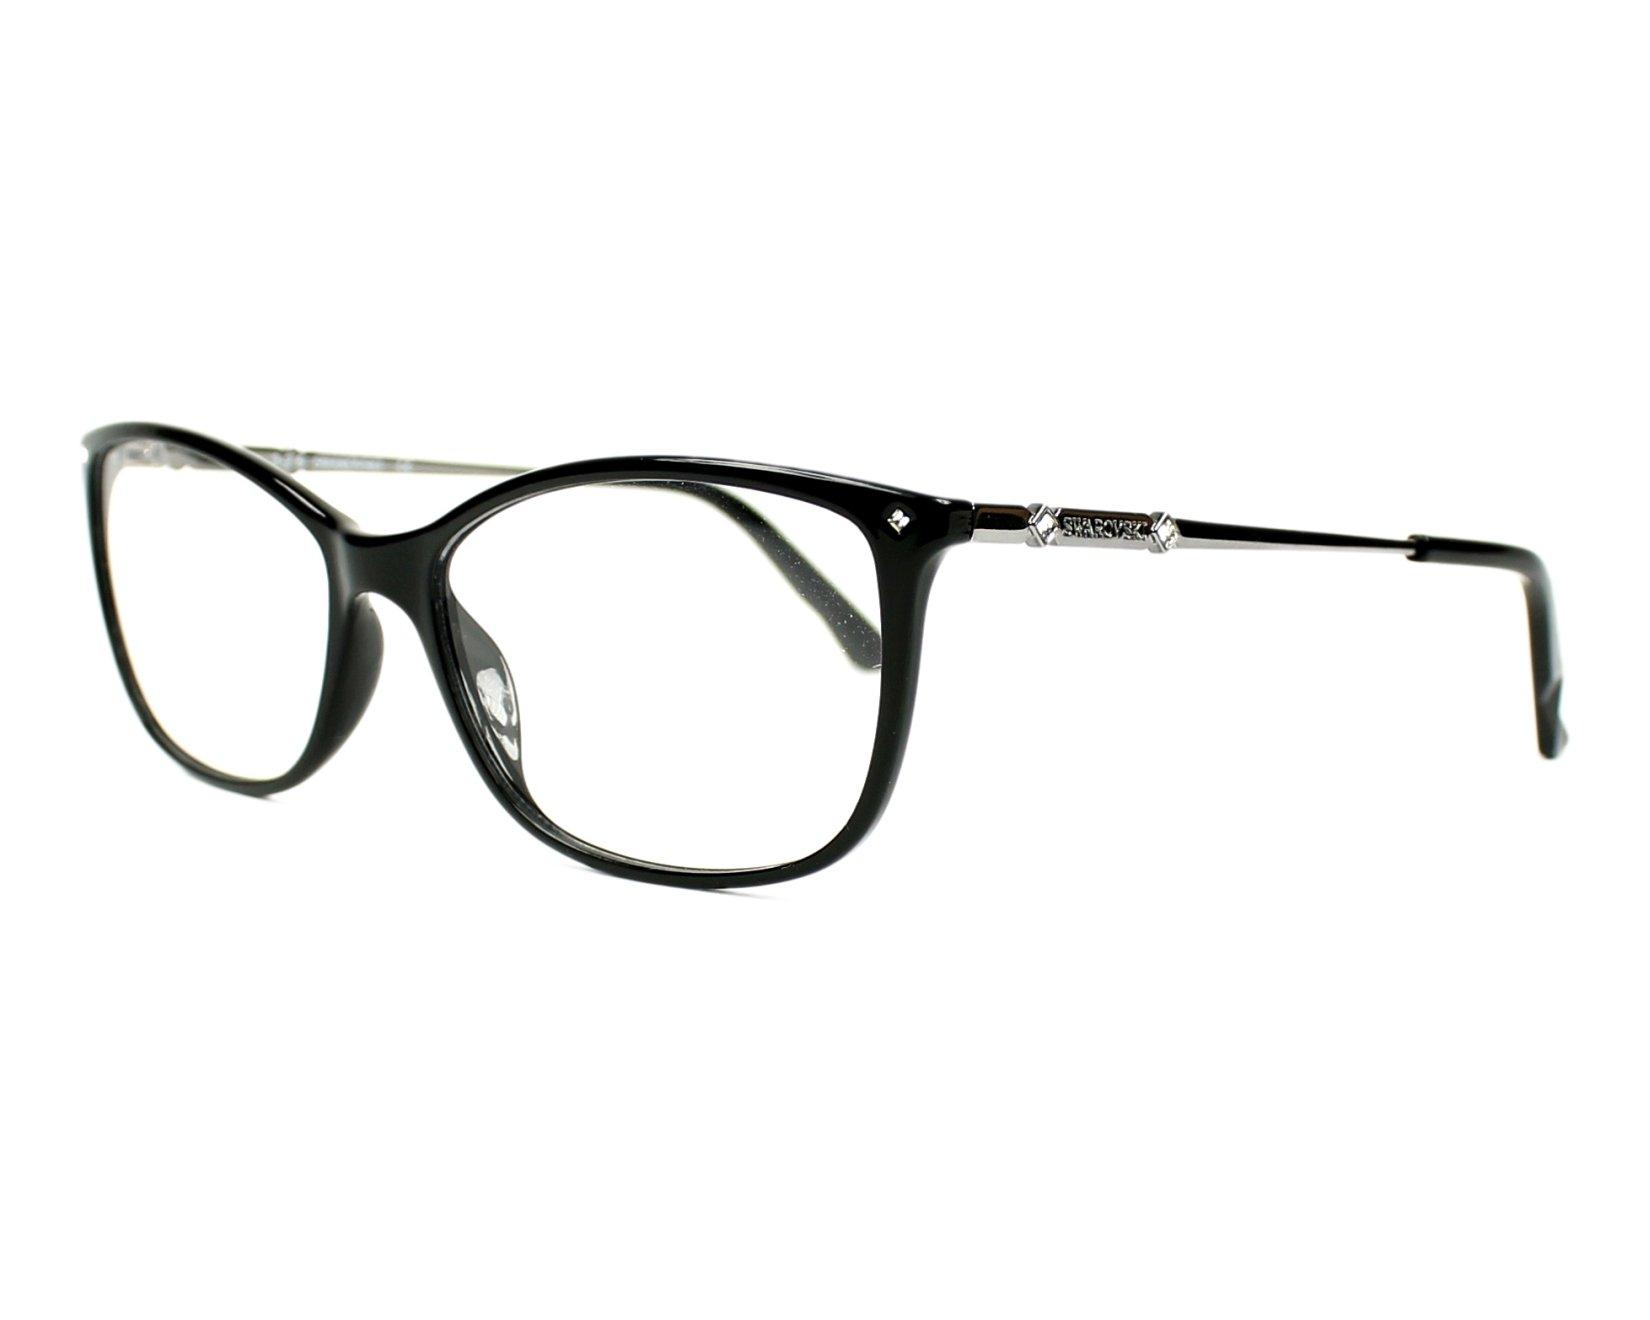 Swarovski Brille SW-5179 001 schwarz - Gläser: